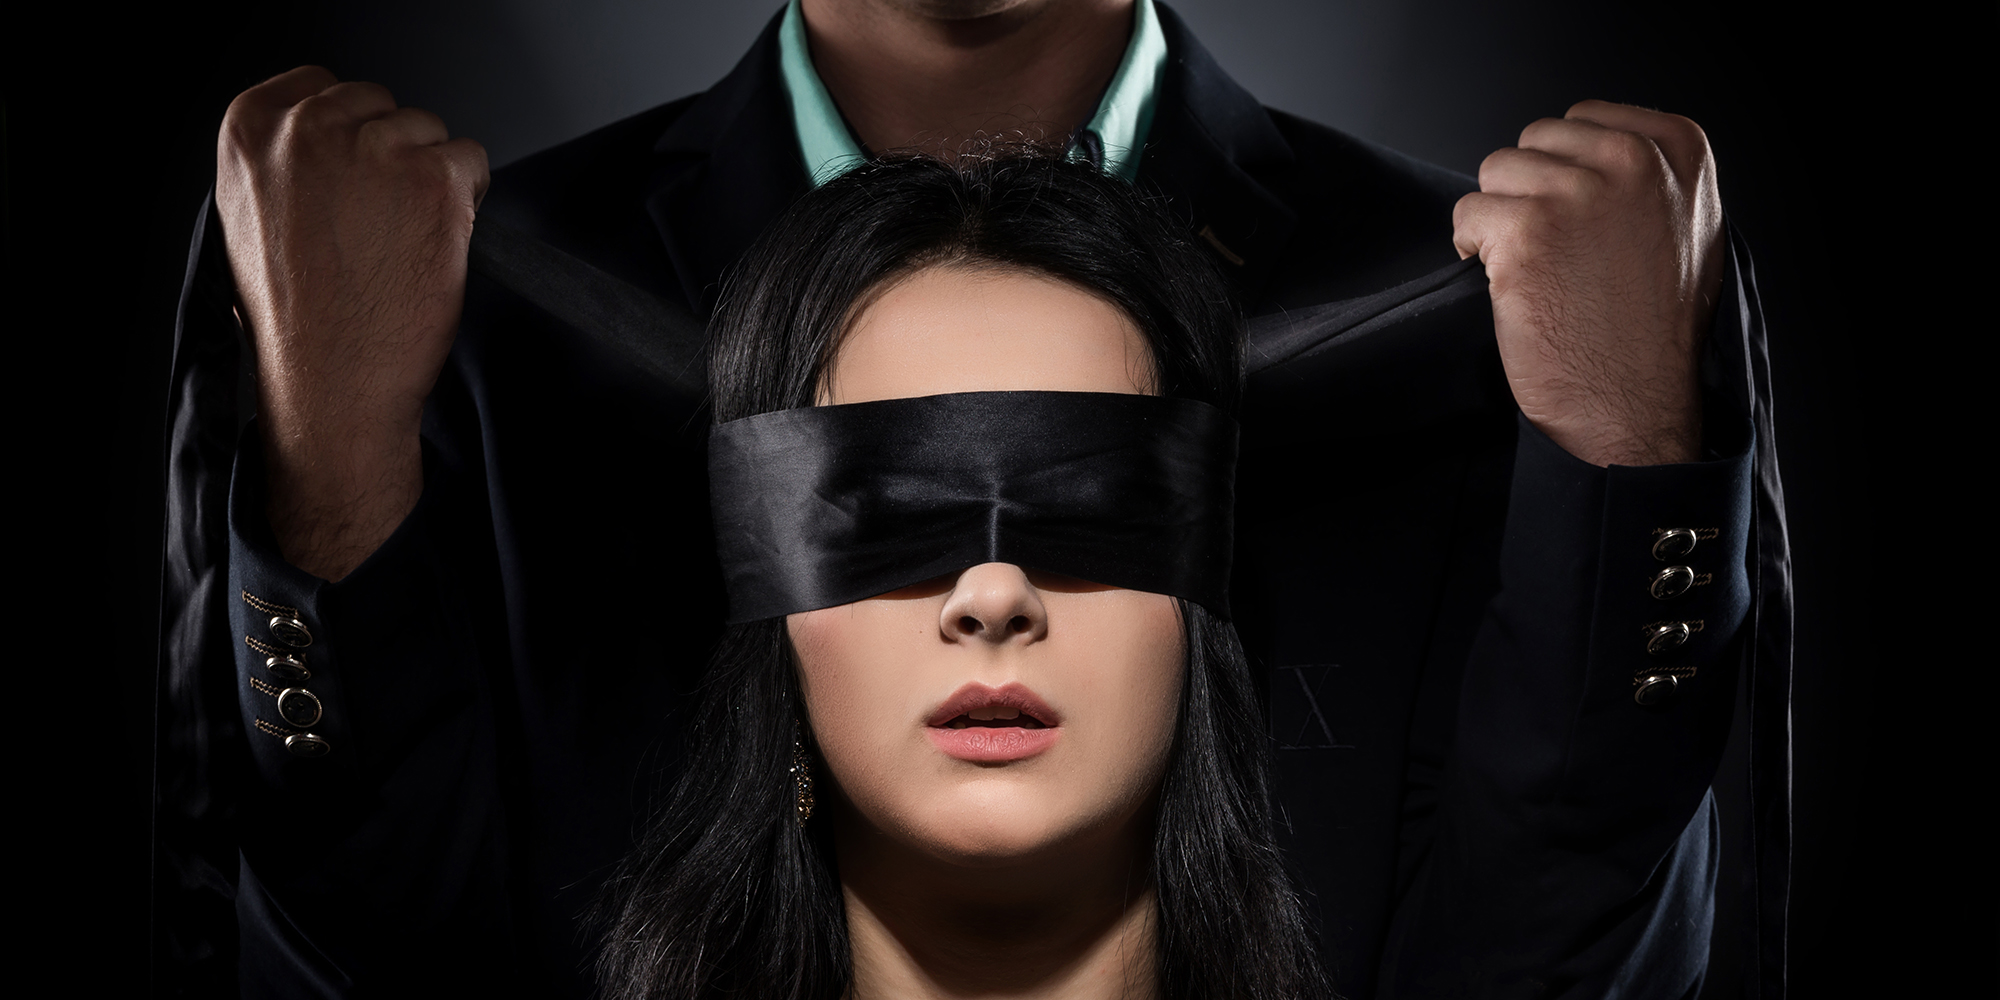 Hvordan vet jeg om det er vold eller BDSM?